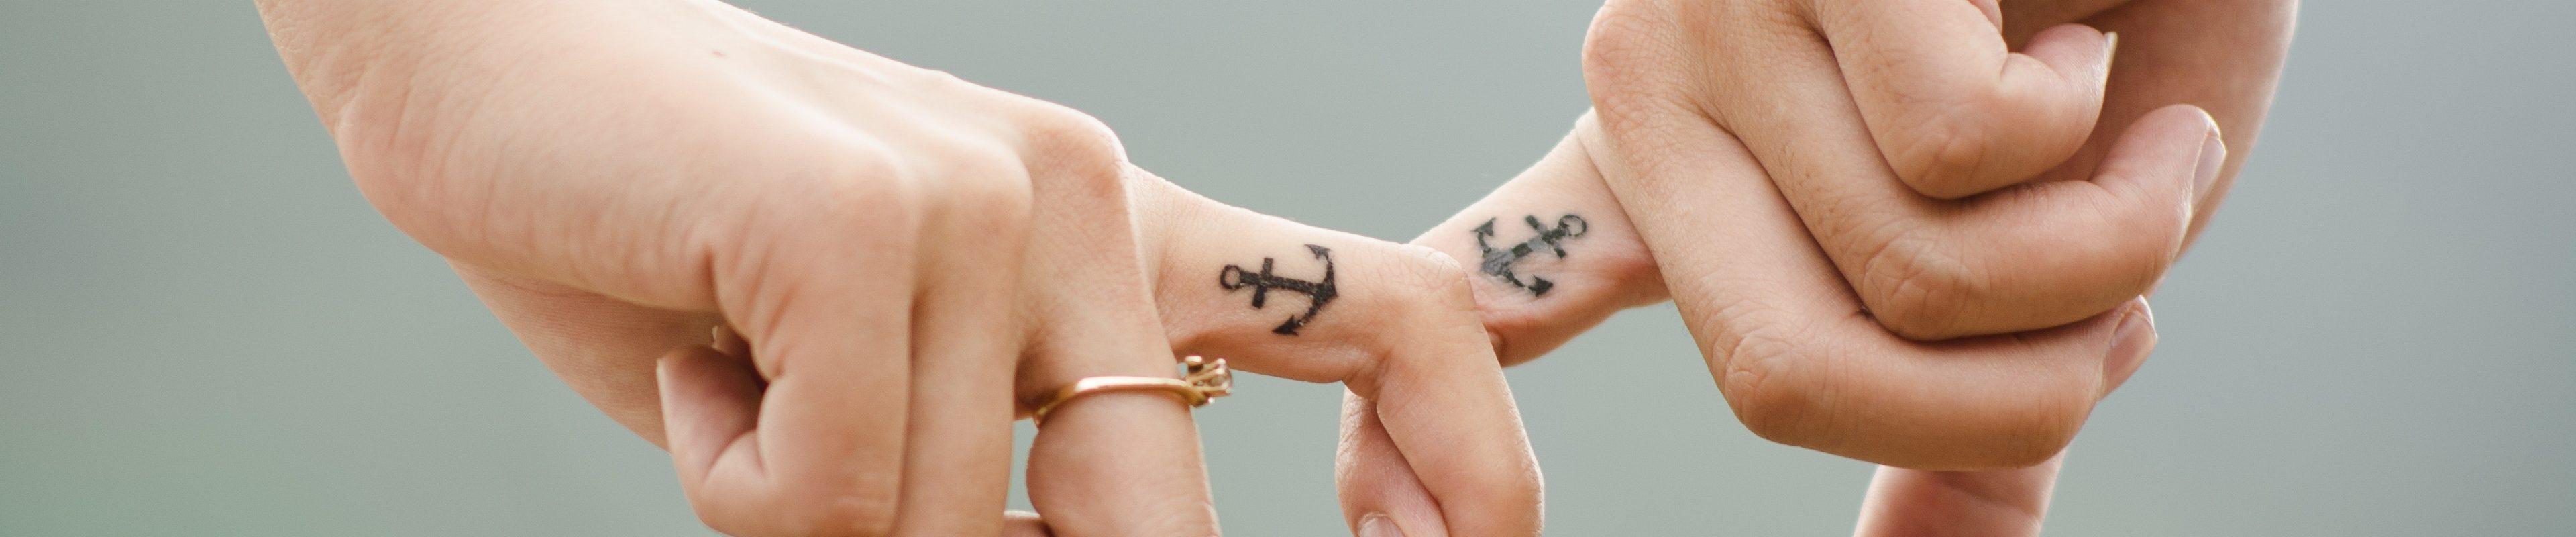 Wenn Streit und gegenseitige Anschuldigungen Ihre Beziehung dominieren kann Hilfe von außen sinnvoll sein.